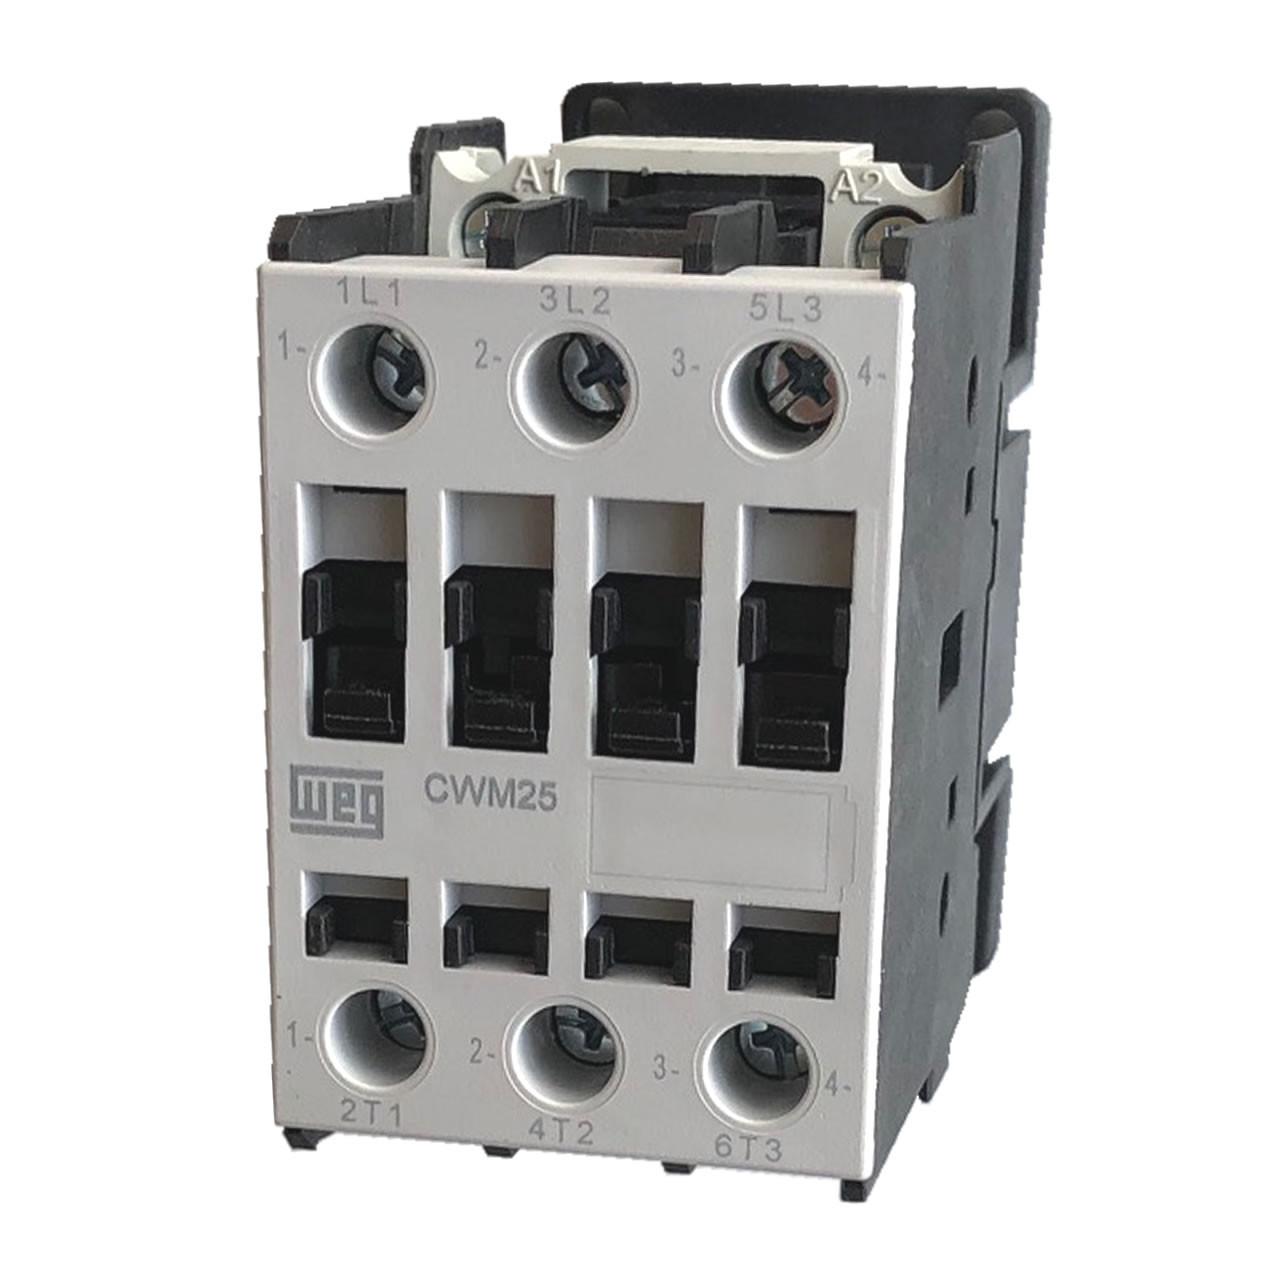 WEG CWM25-00-30V18 contactor